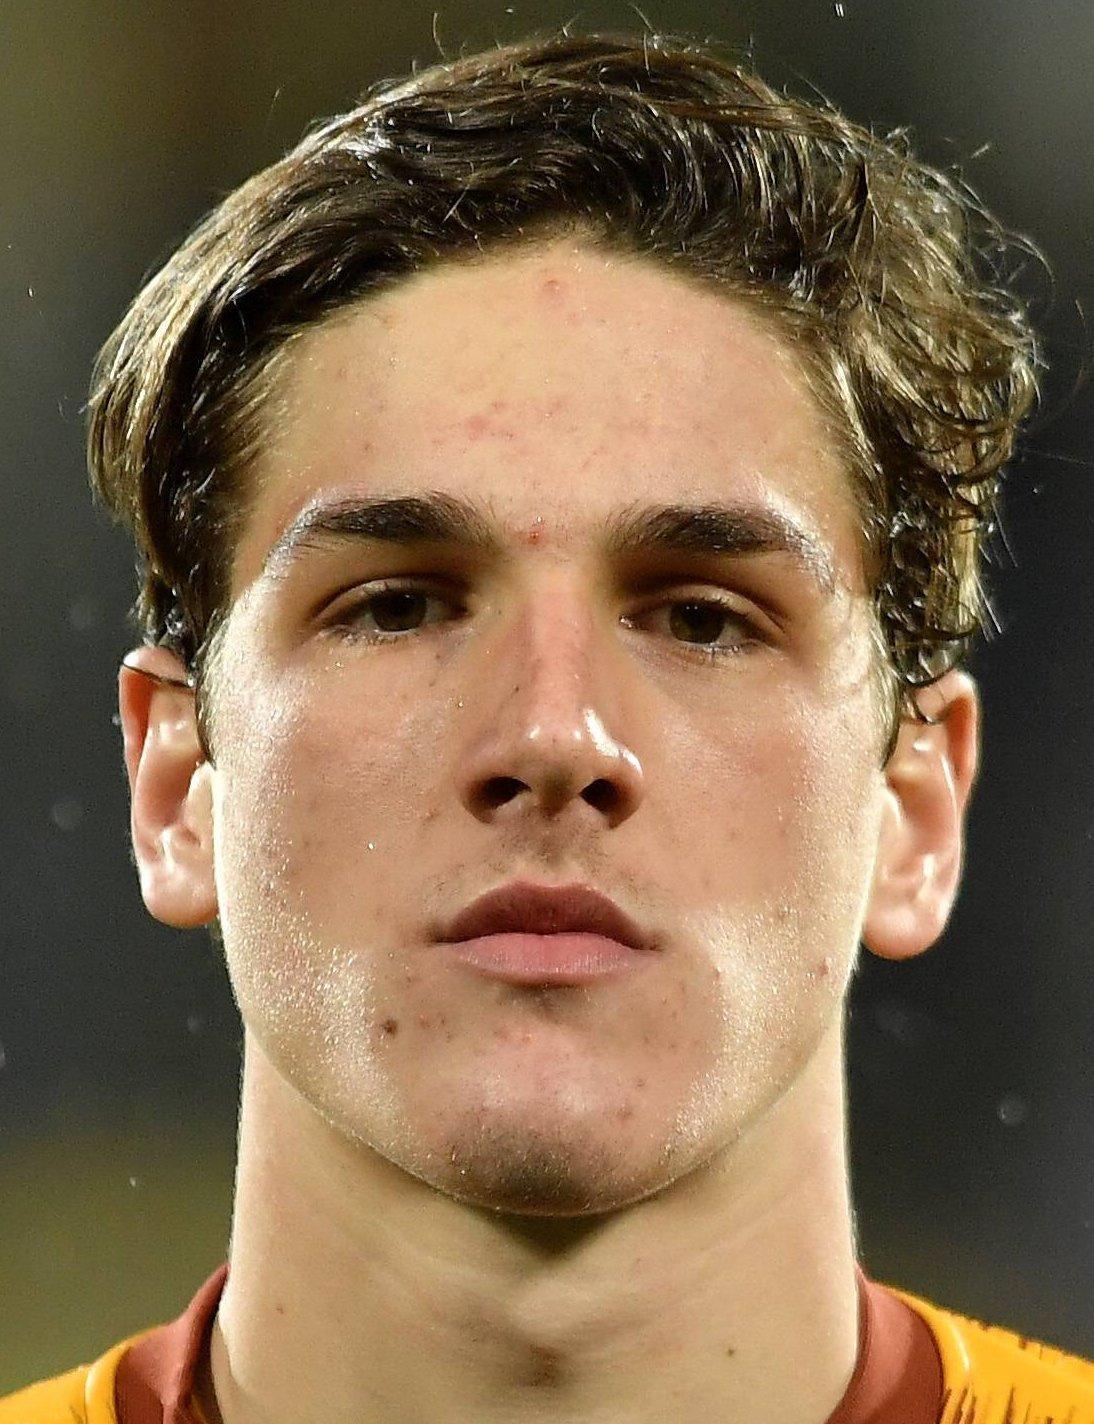 Nicolò Zaniolo - Player profile 20/21 | Transfermarkt